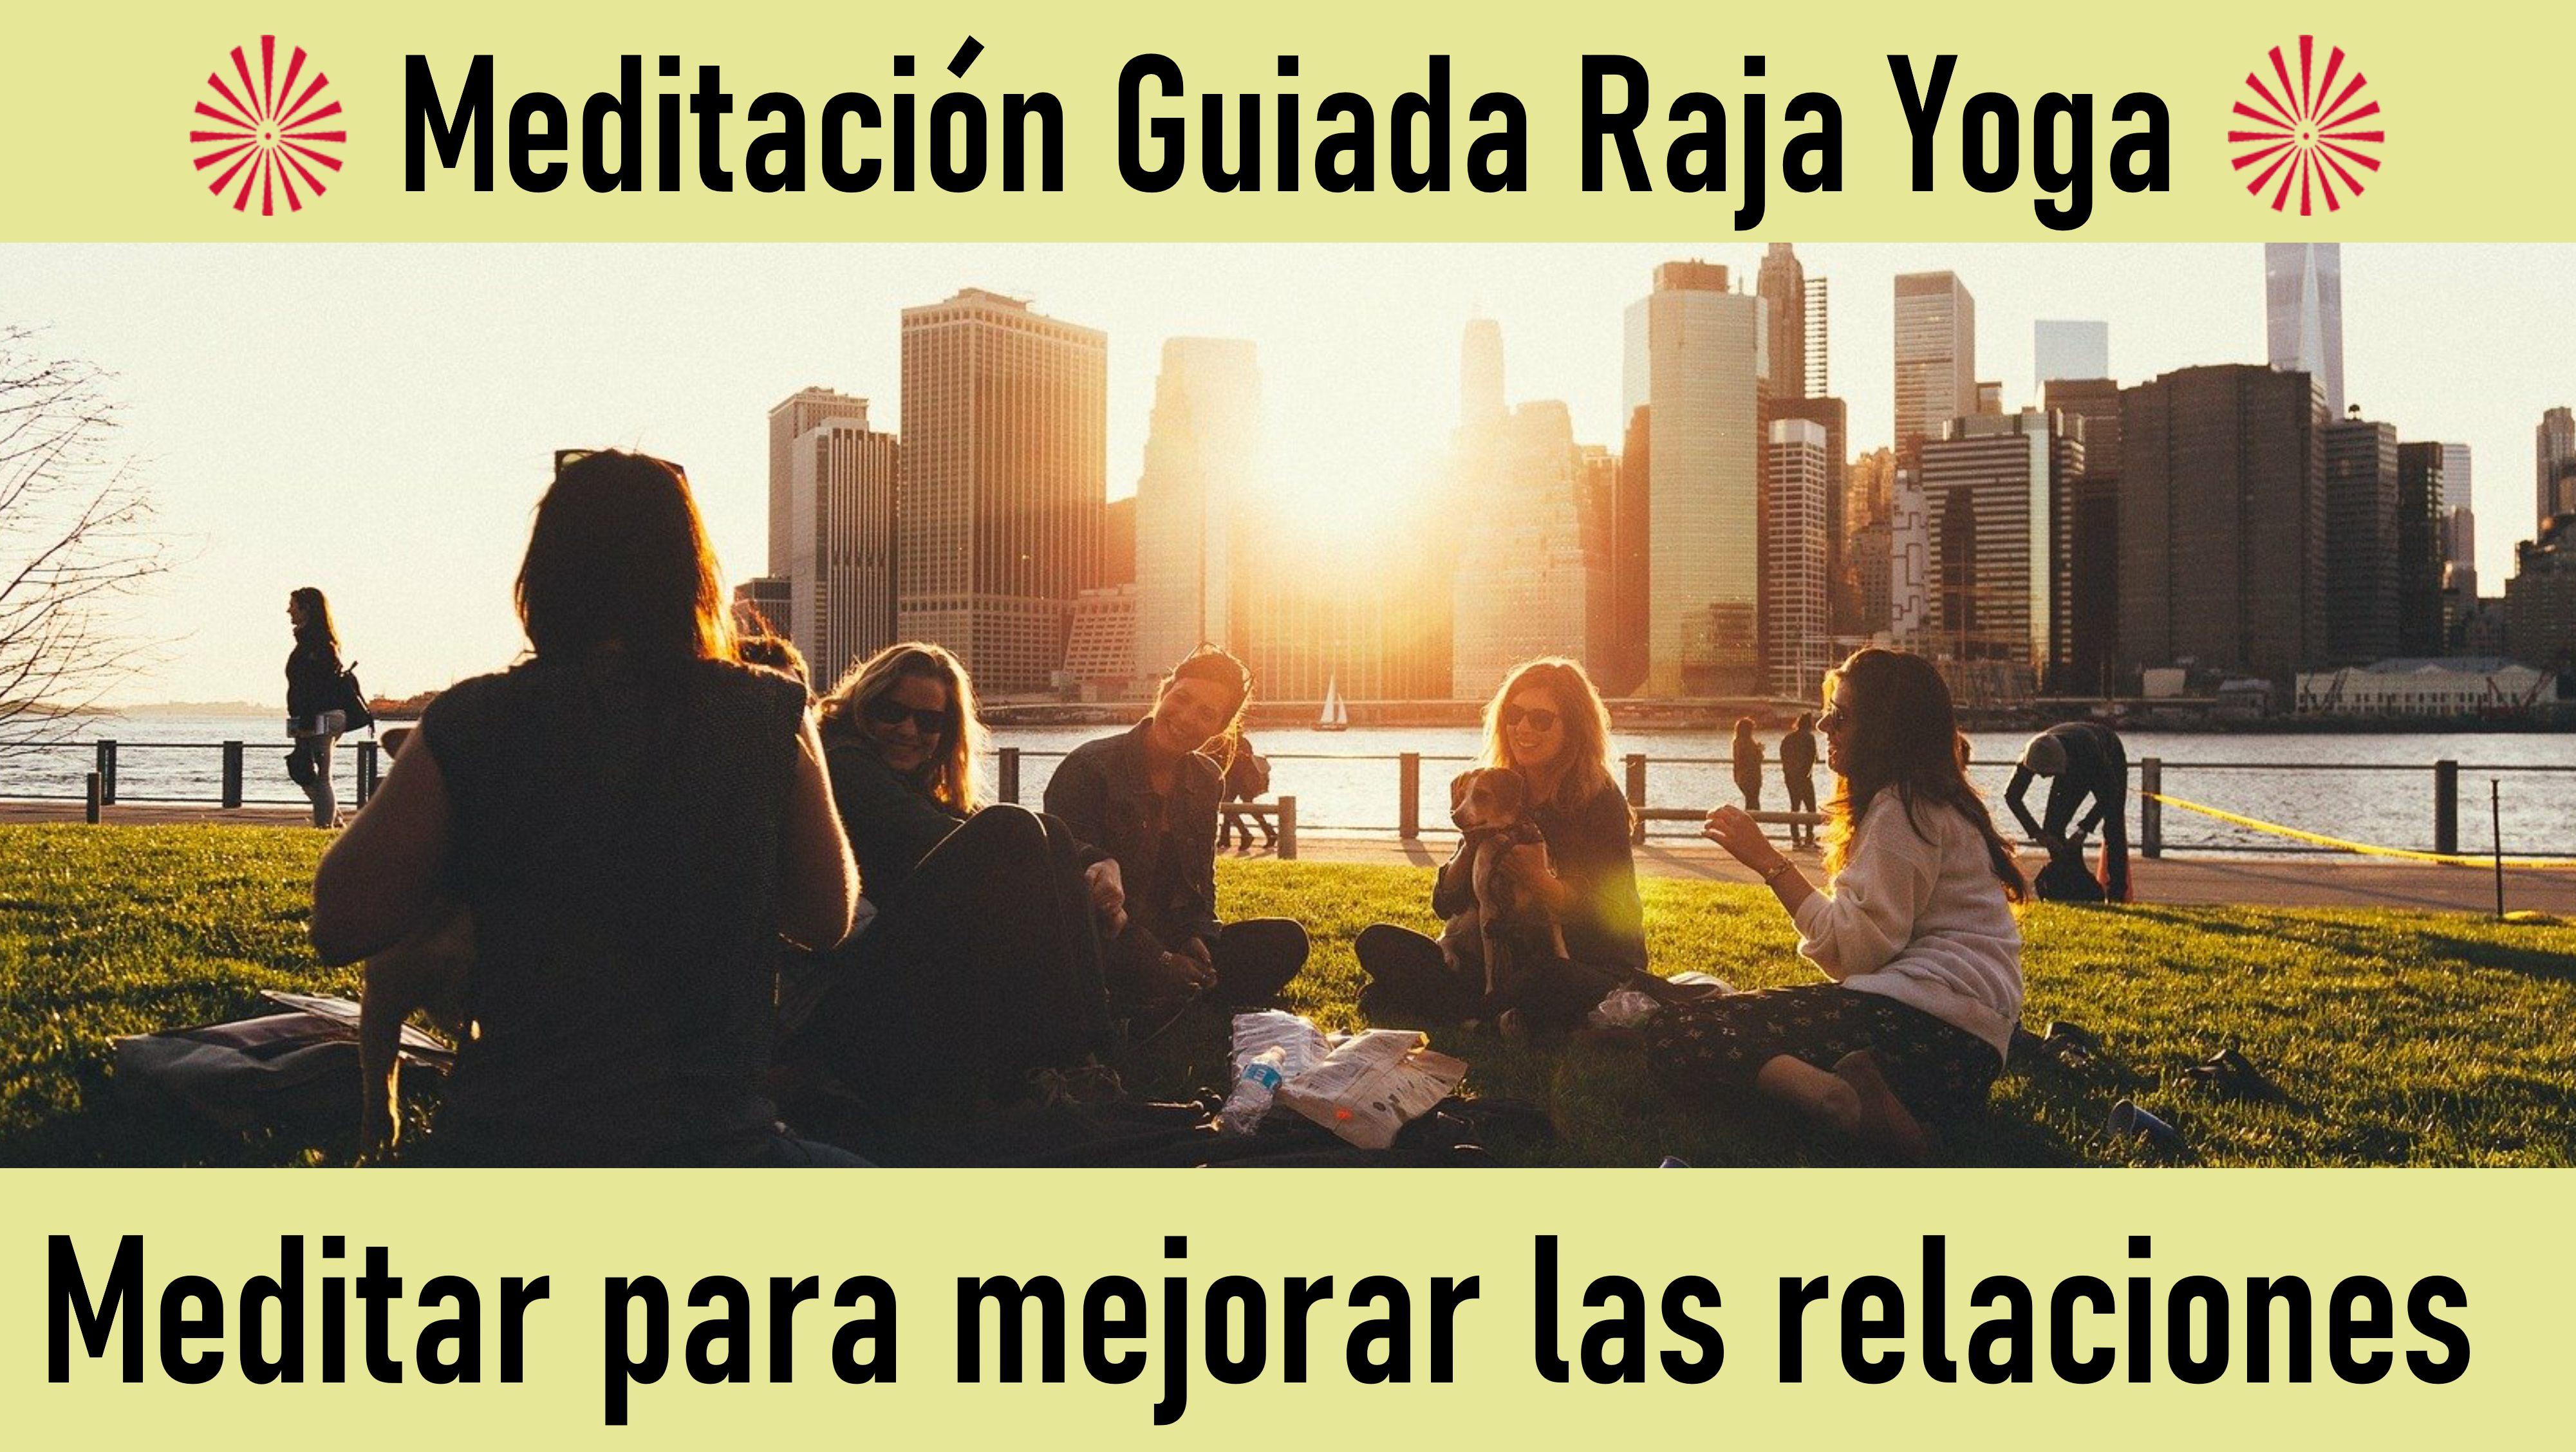 20 Mayo 2020 Meditación Guiada: Meditar para mejorar las relaciones